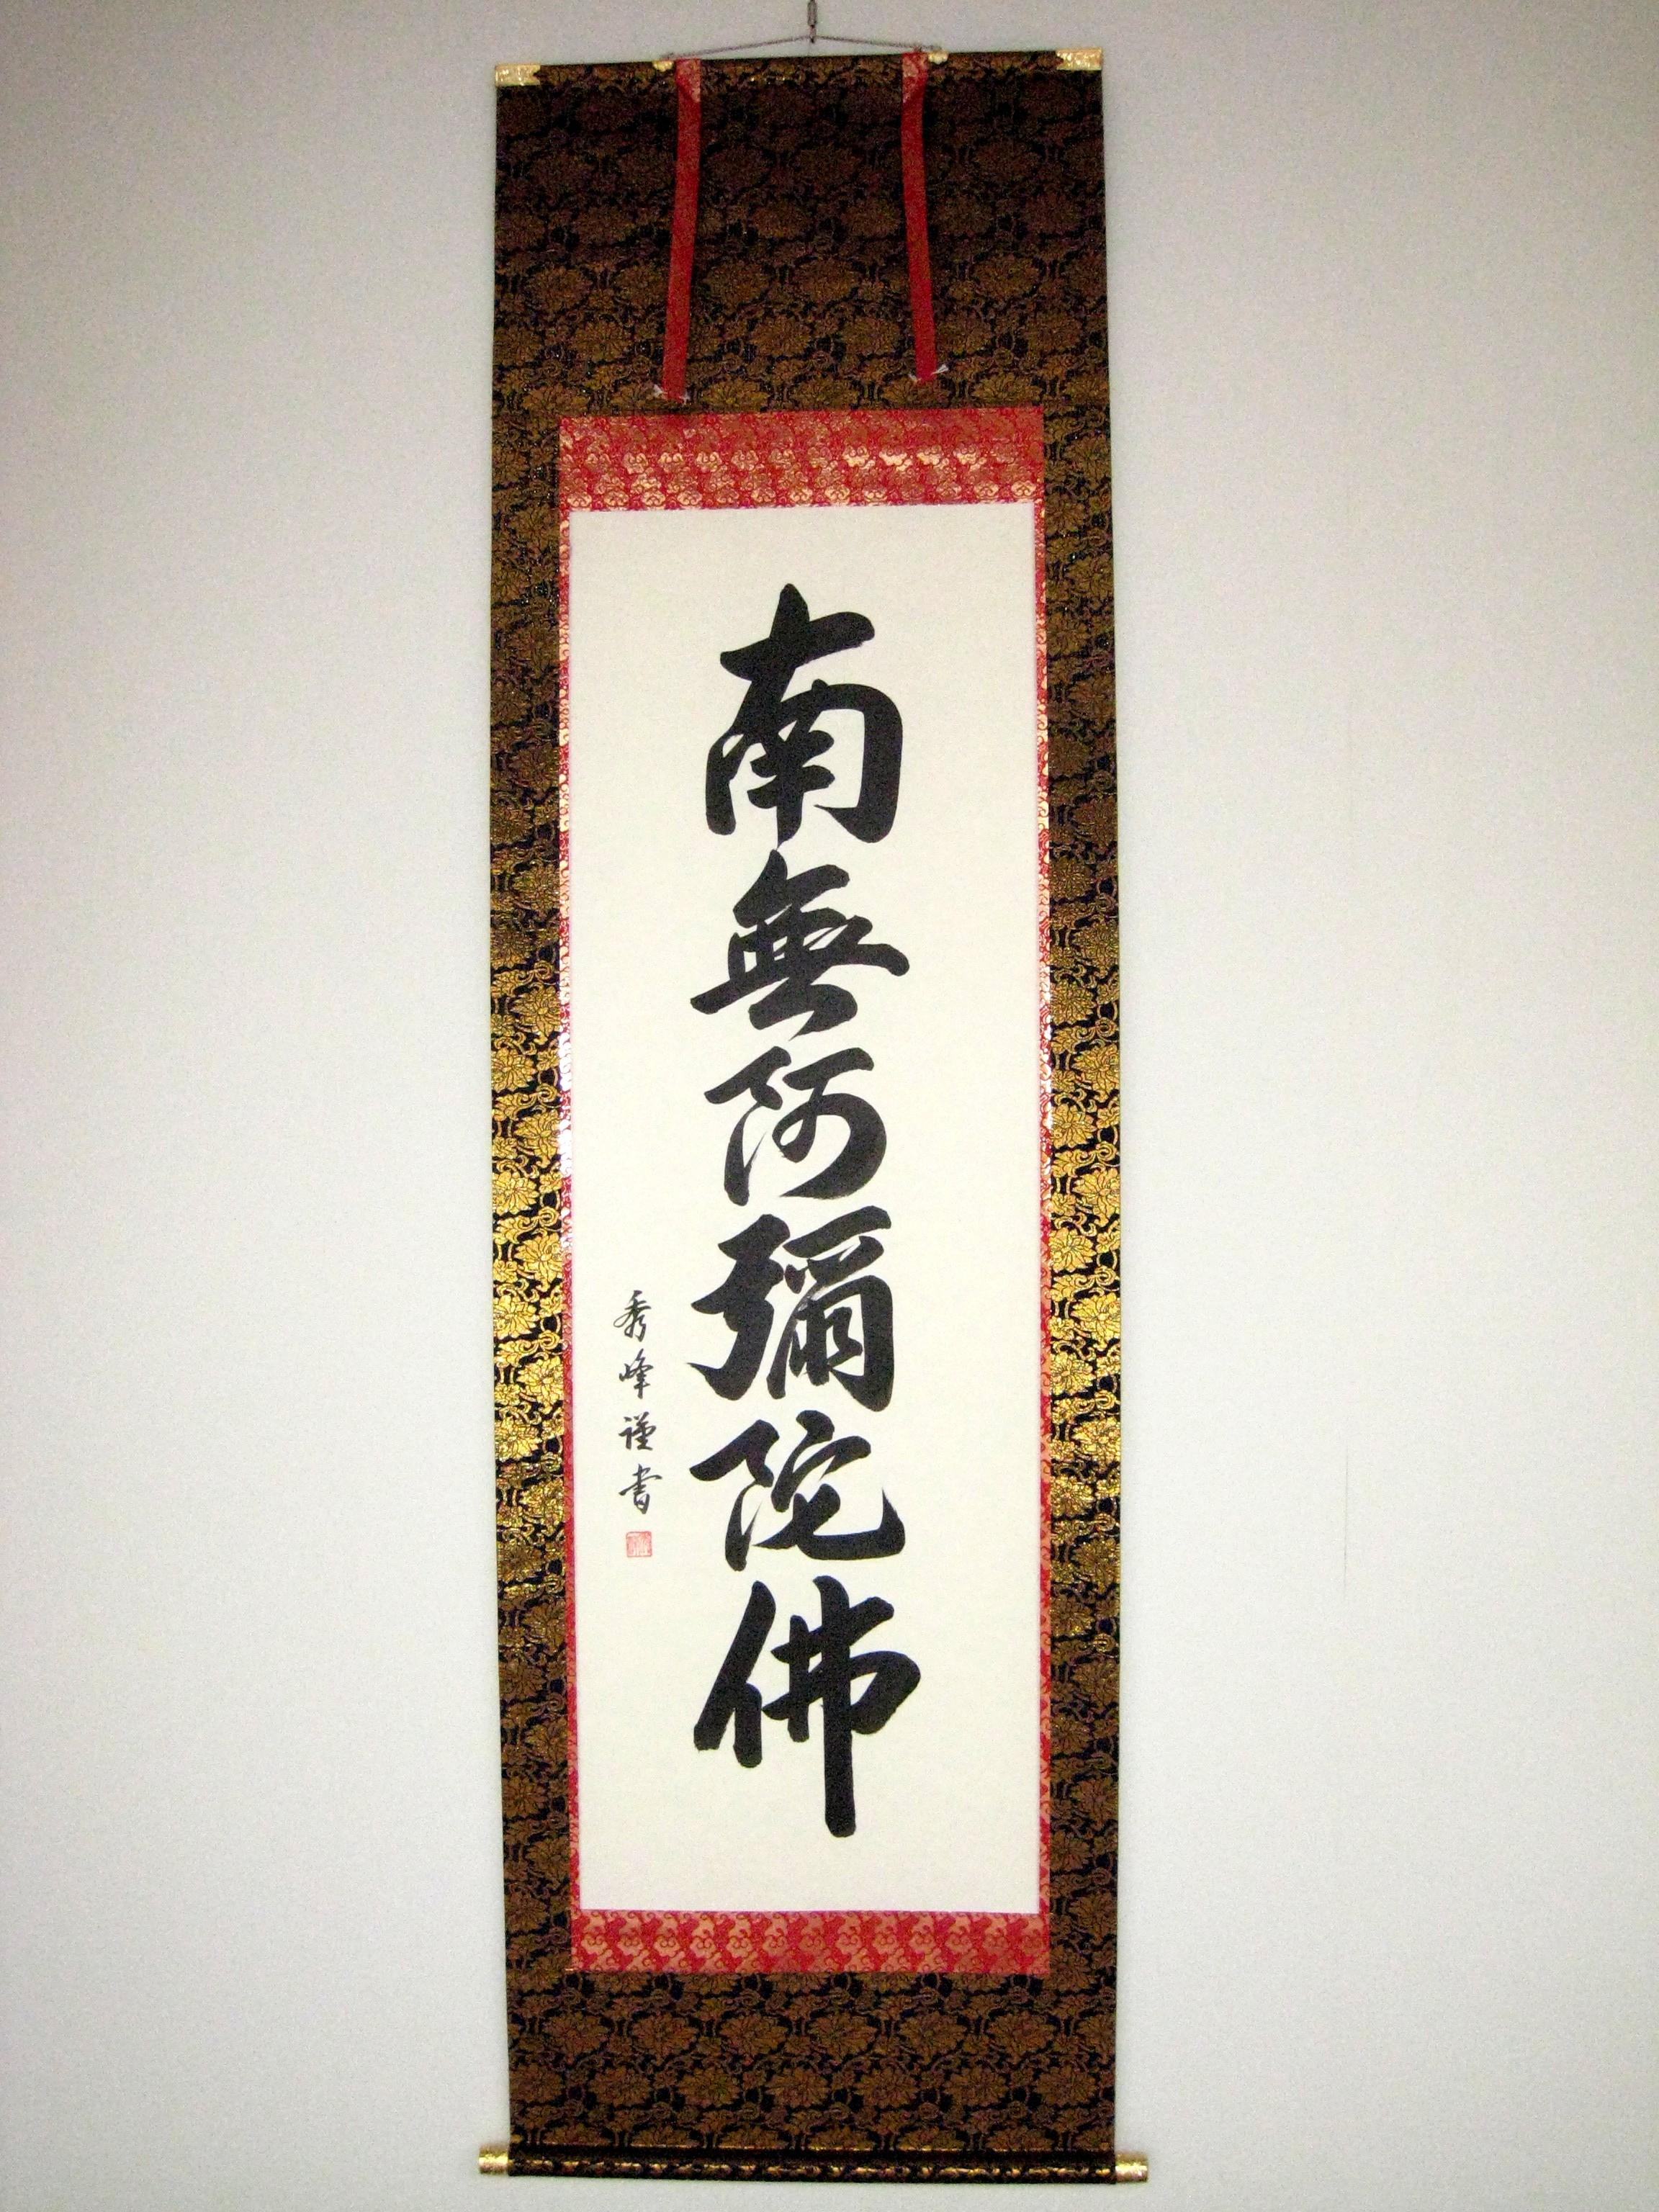 掛け軸 六字名号◆小笠原秀峰